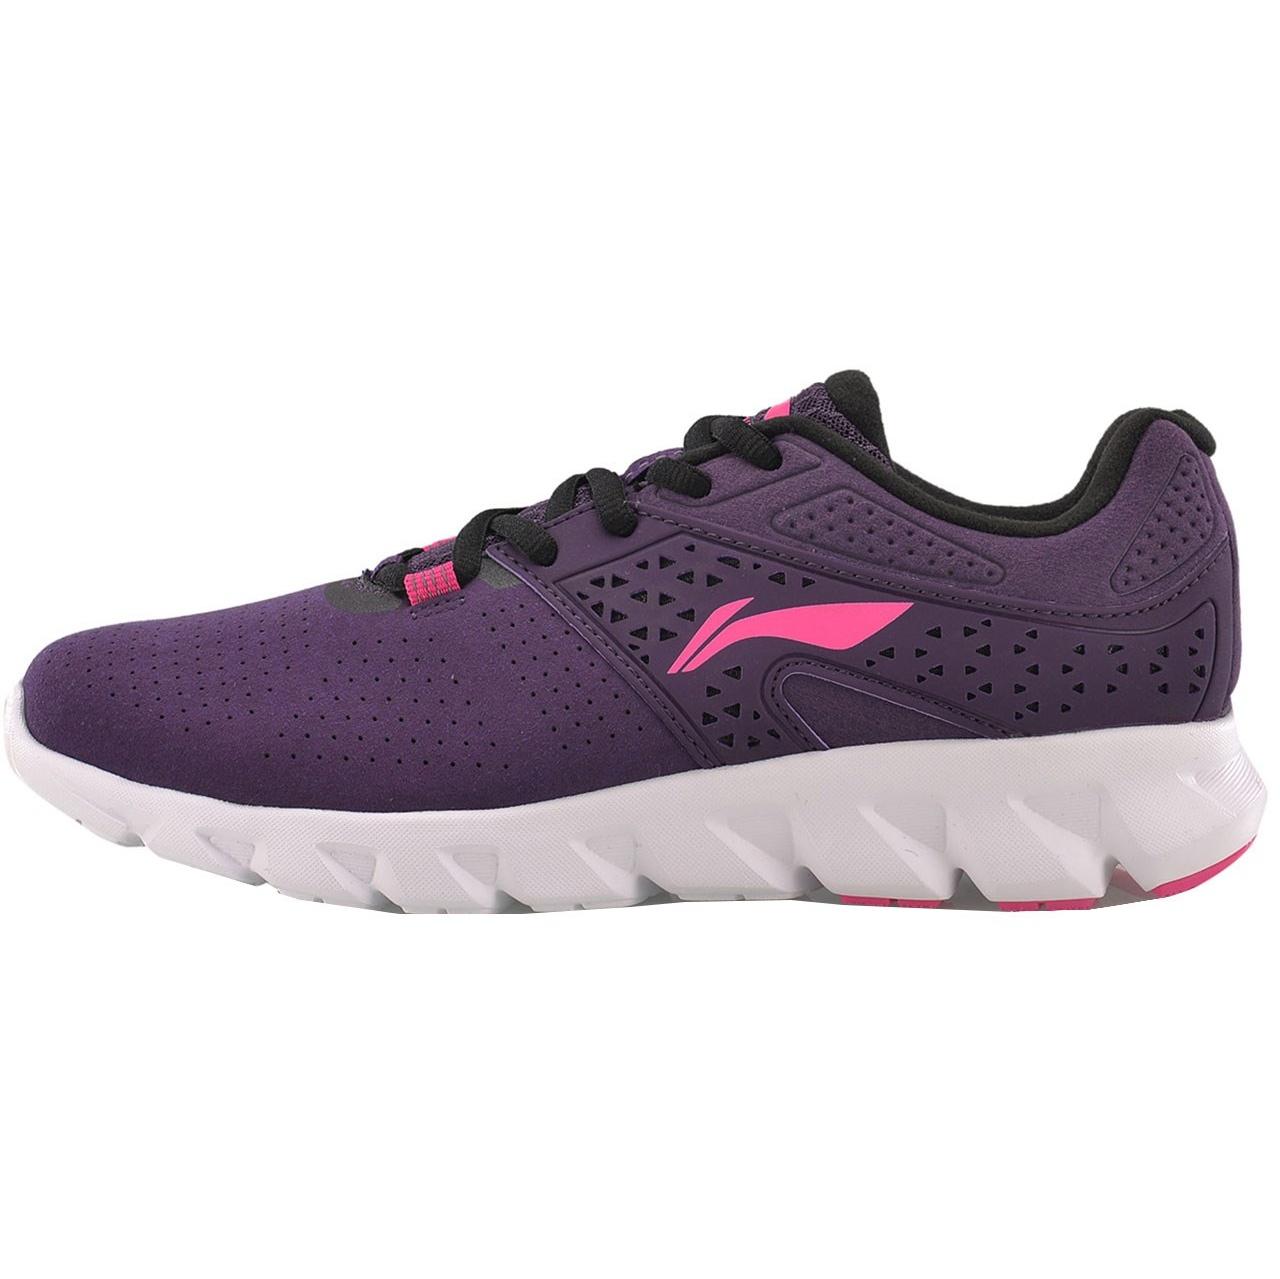 کفش مخصوص دویدن  زنانه لی نینگ مدل Basic Shock